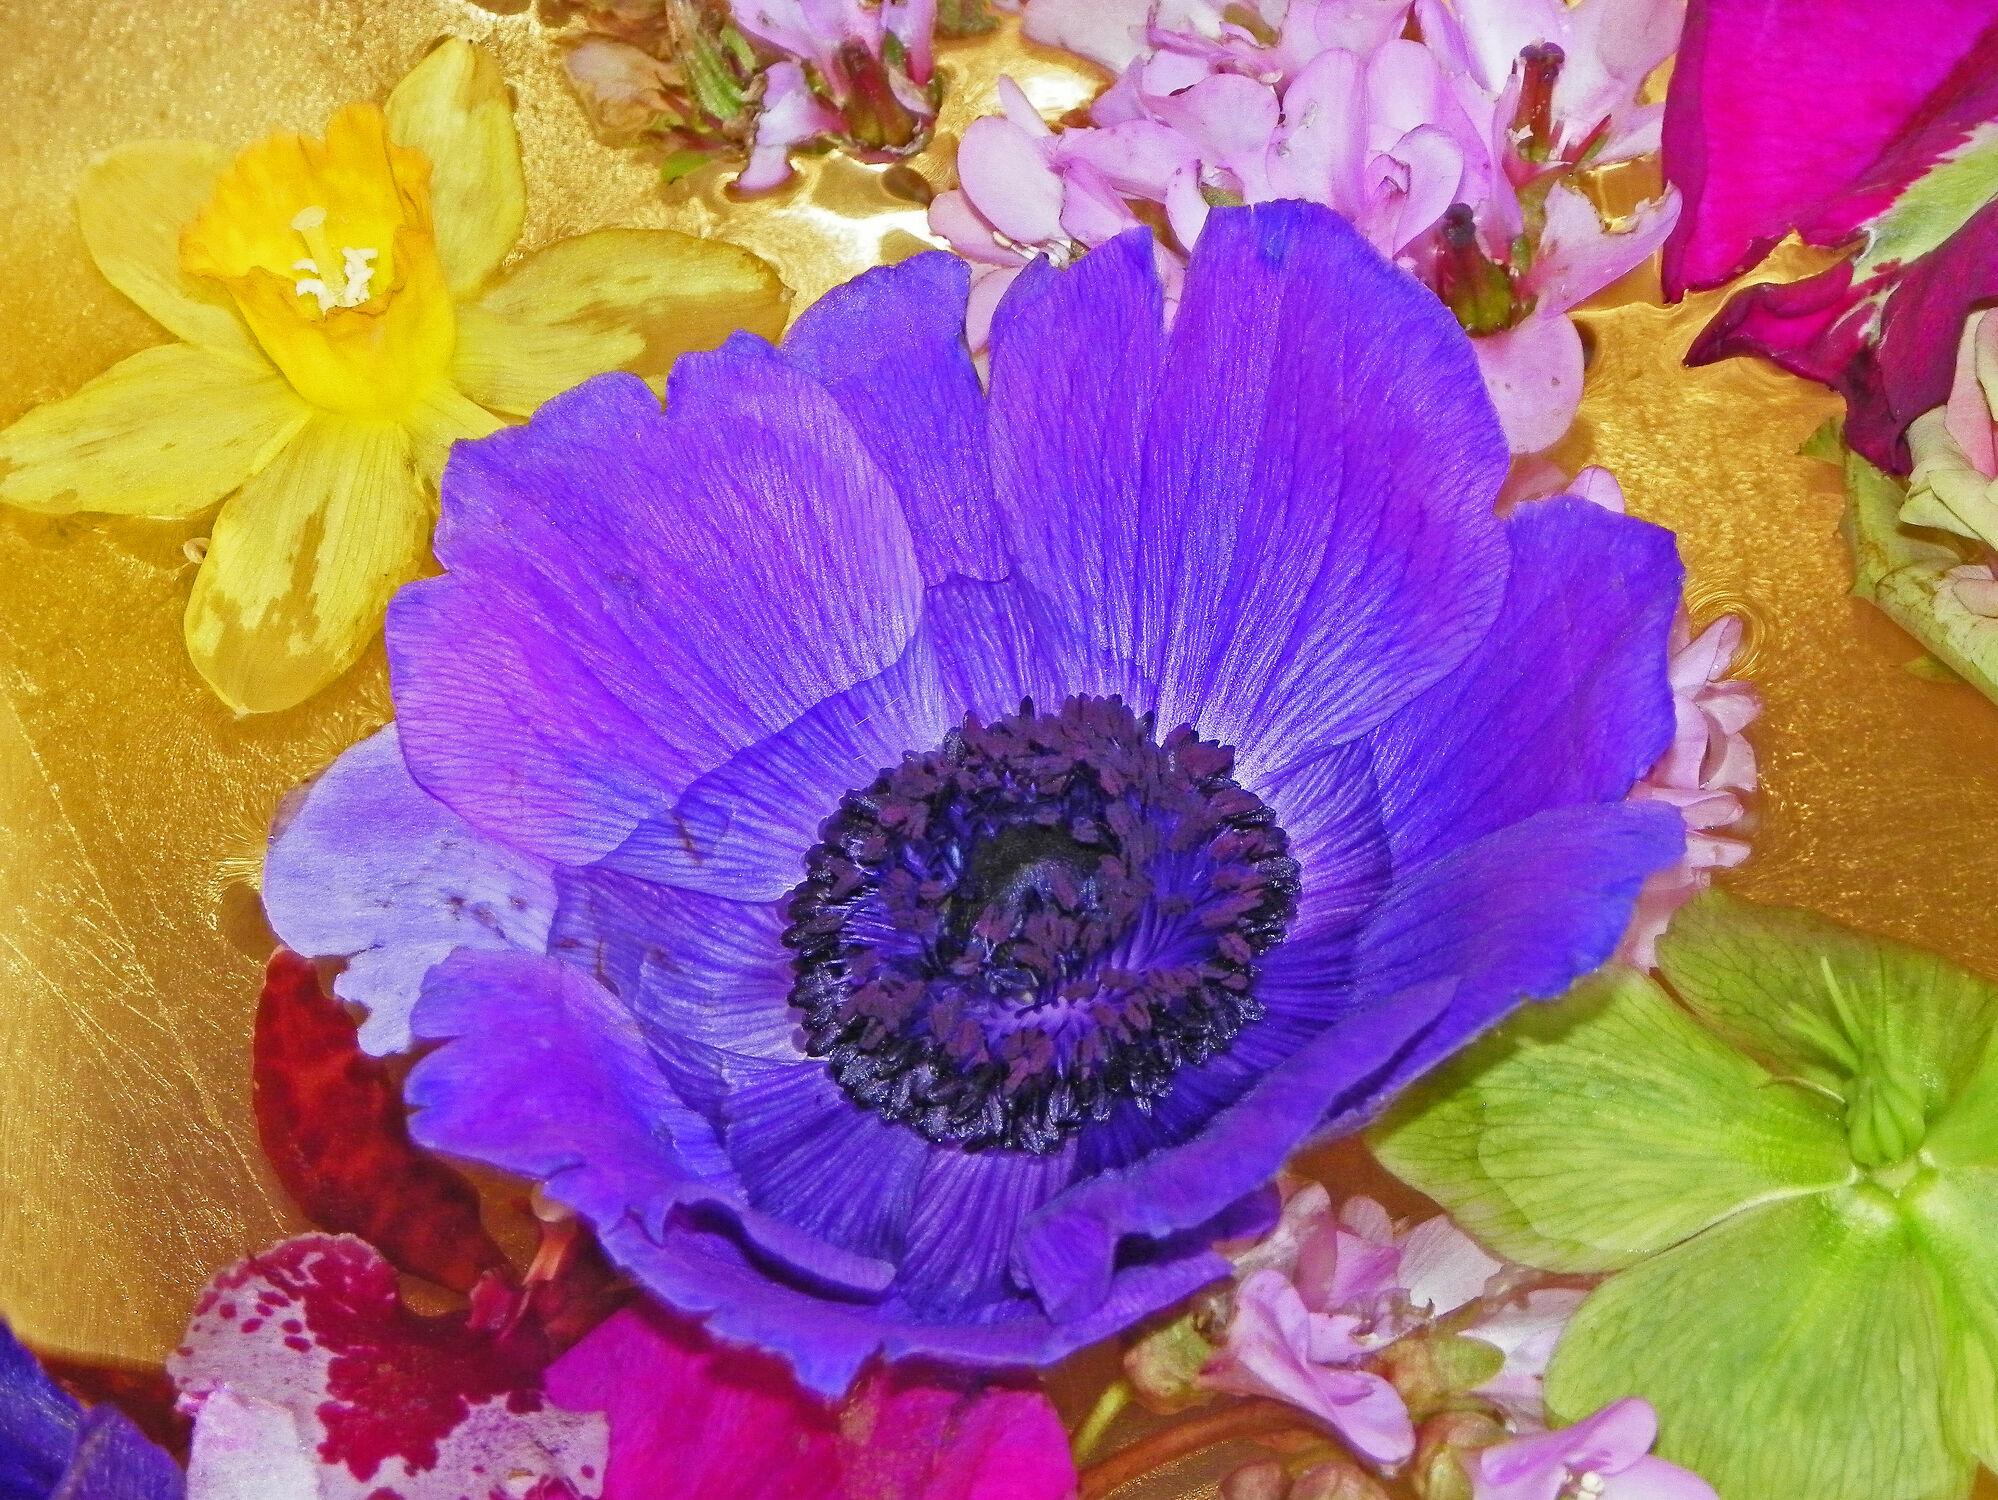 Bild mit Pflanzen, Blumen, Blume, Pflanze, frühlingsblumen, Blüten, blüte